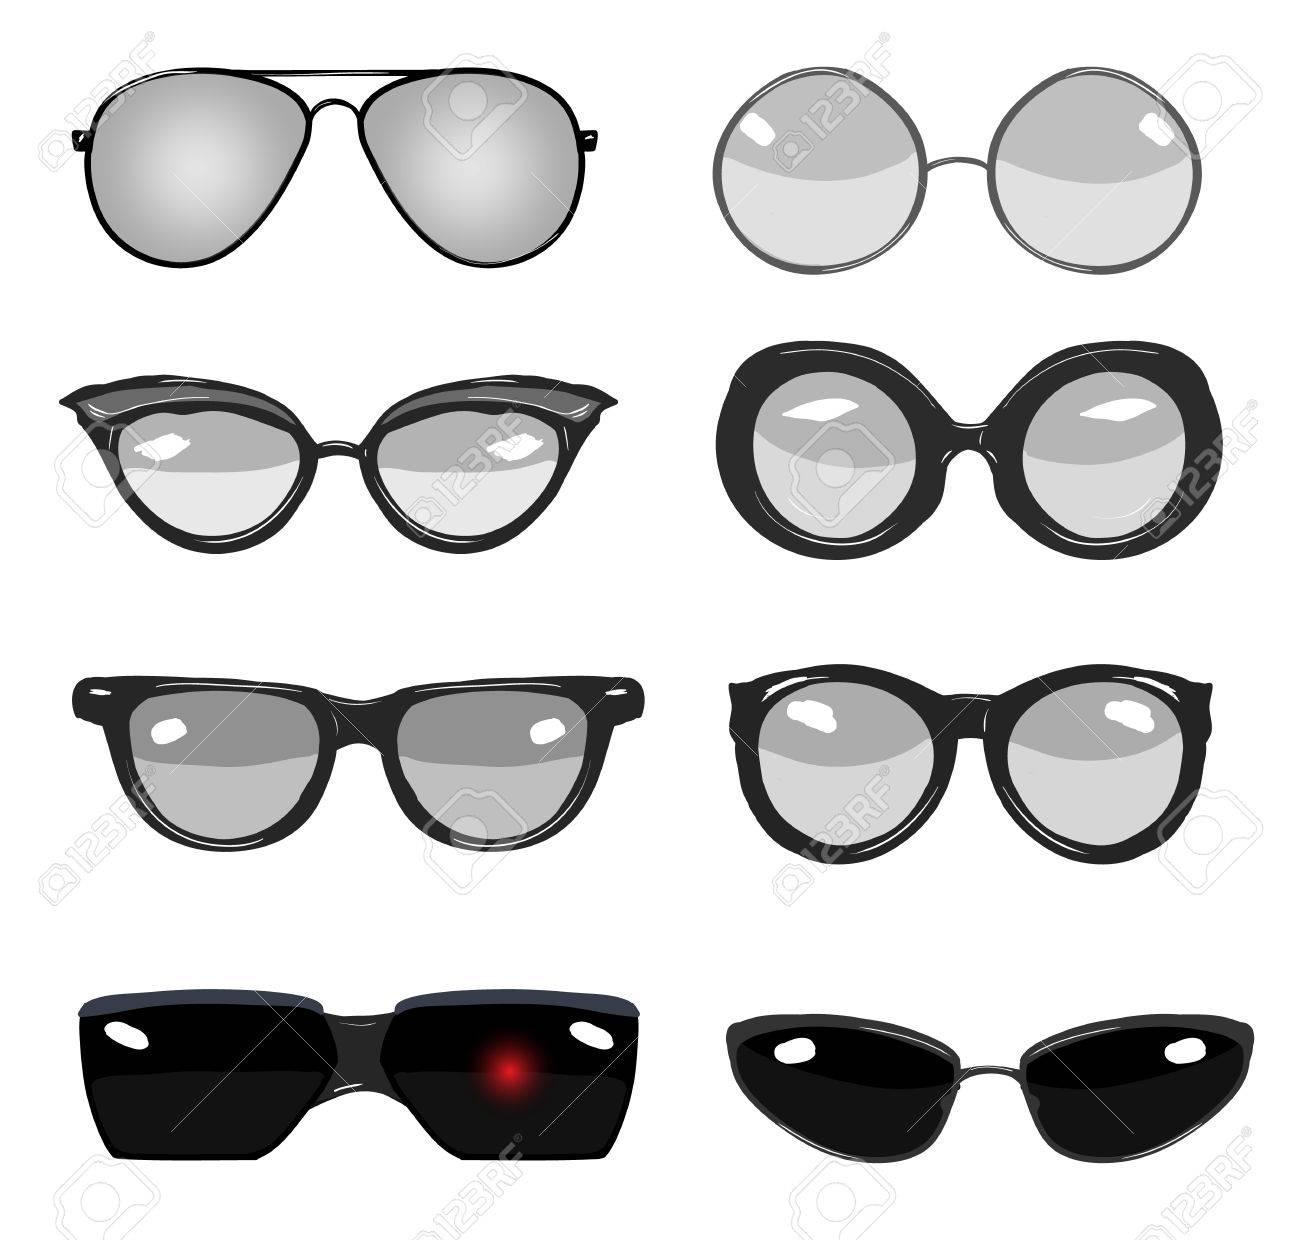 Colección De Gafas De Moda Retro Del Vector En Blanco Y Negro ... 4896714d2e51